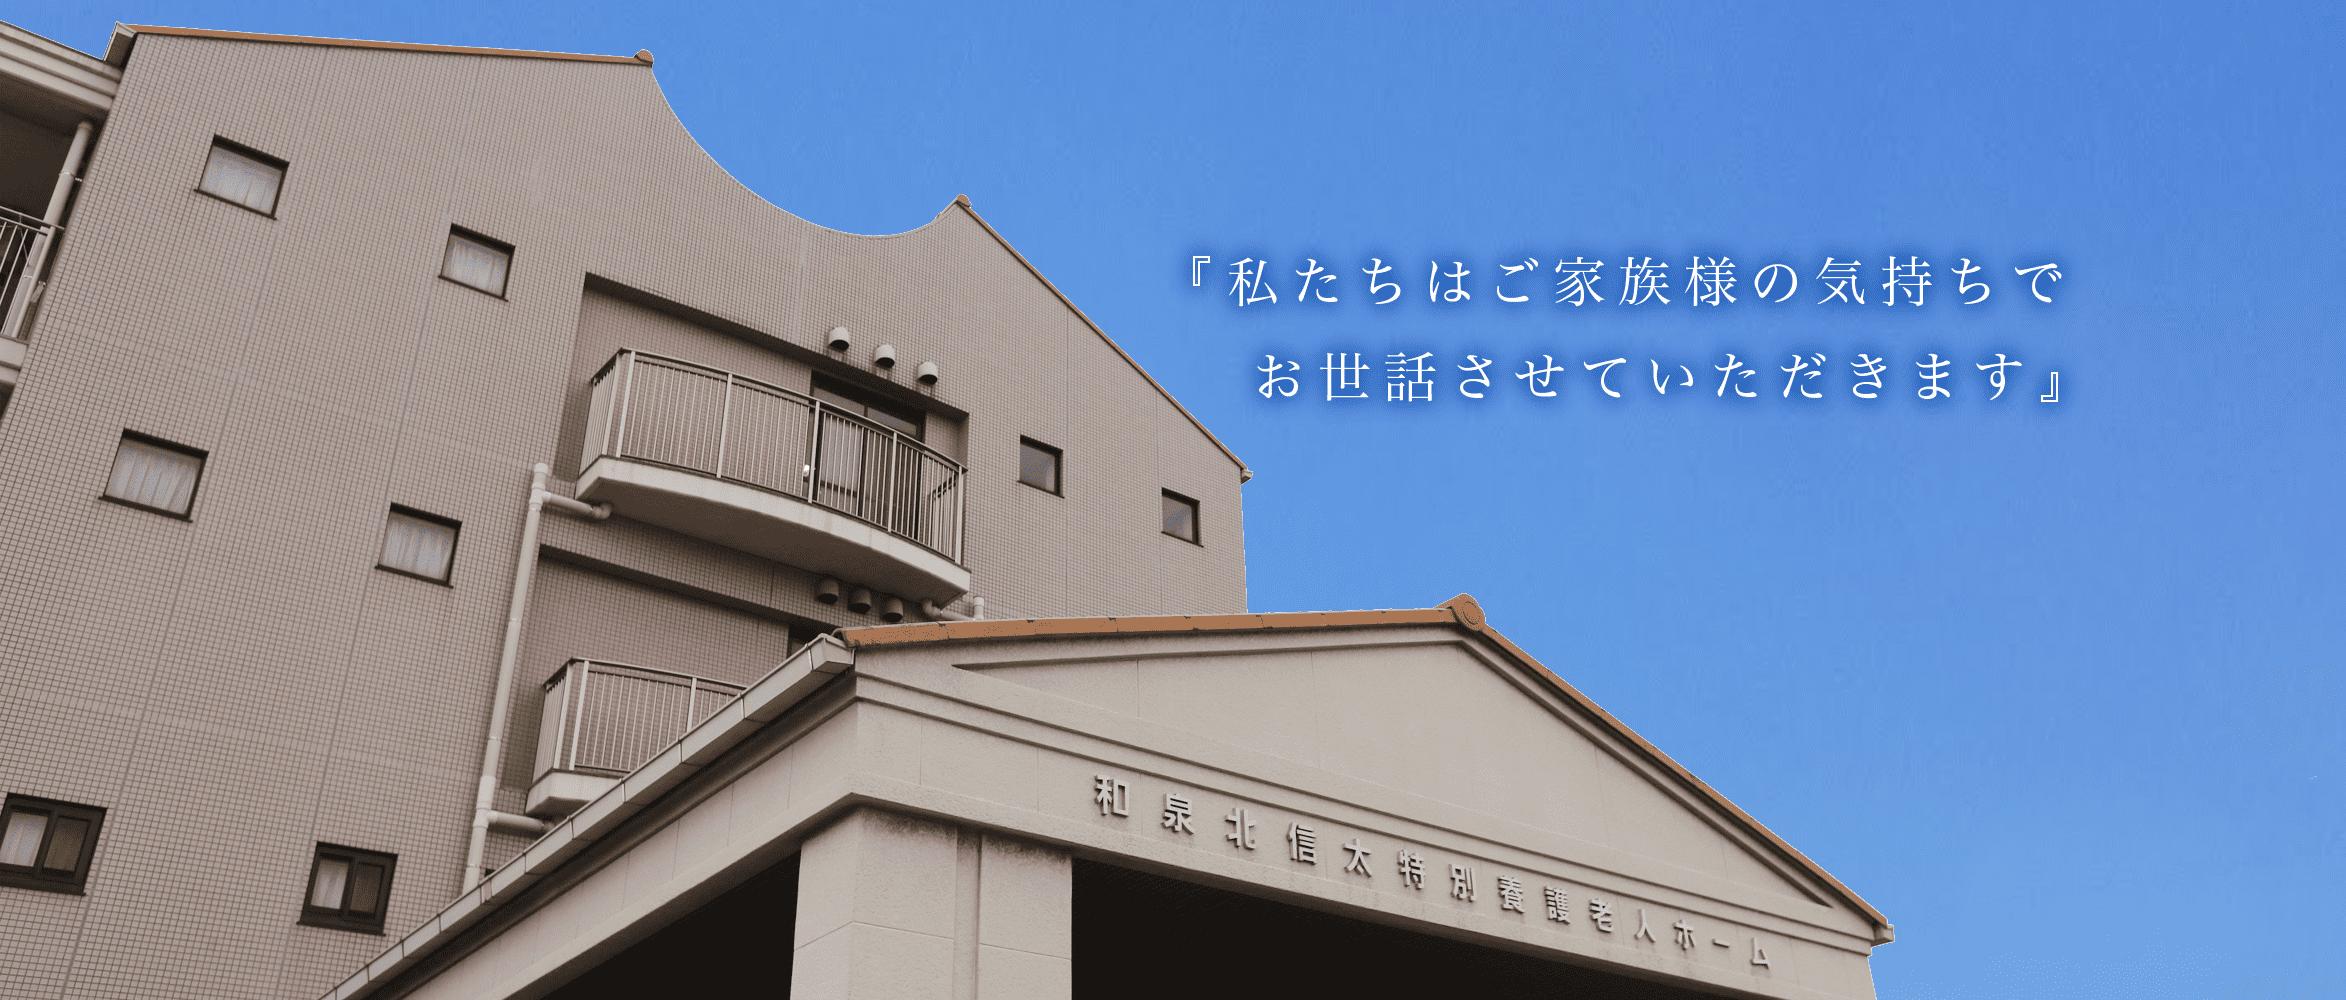 和泉北信太特別養護老人ホーム